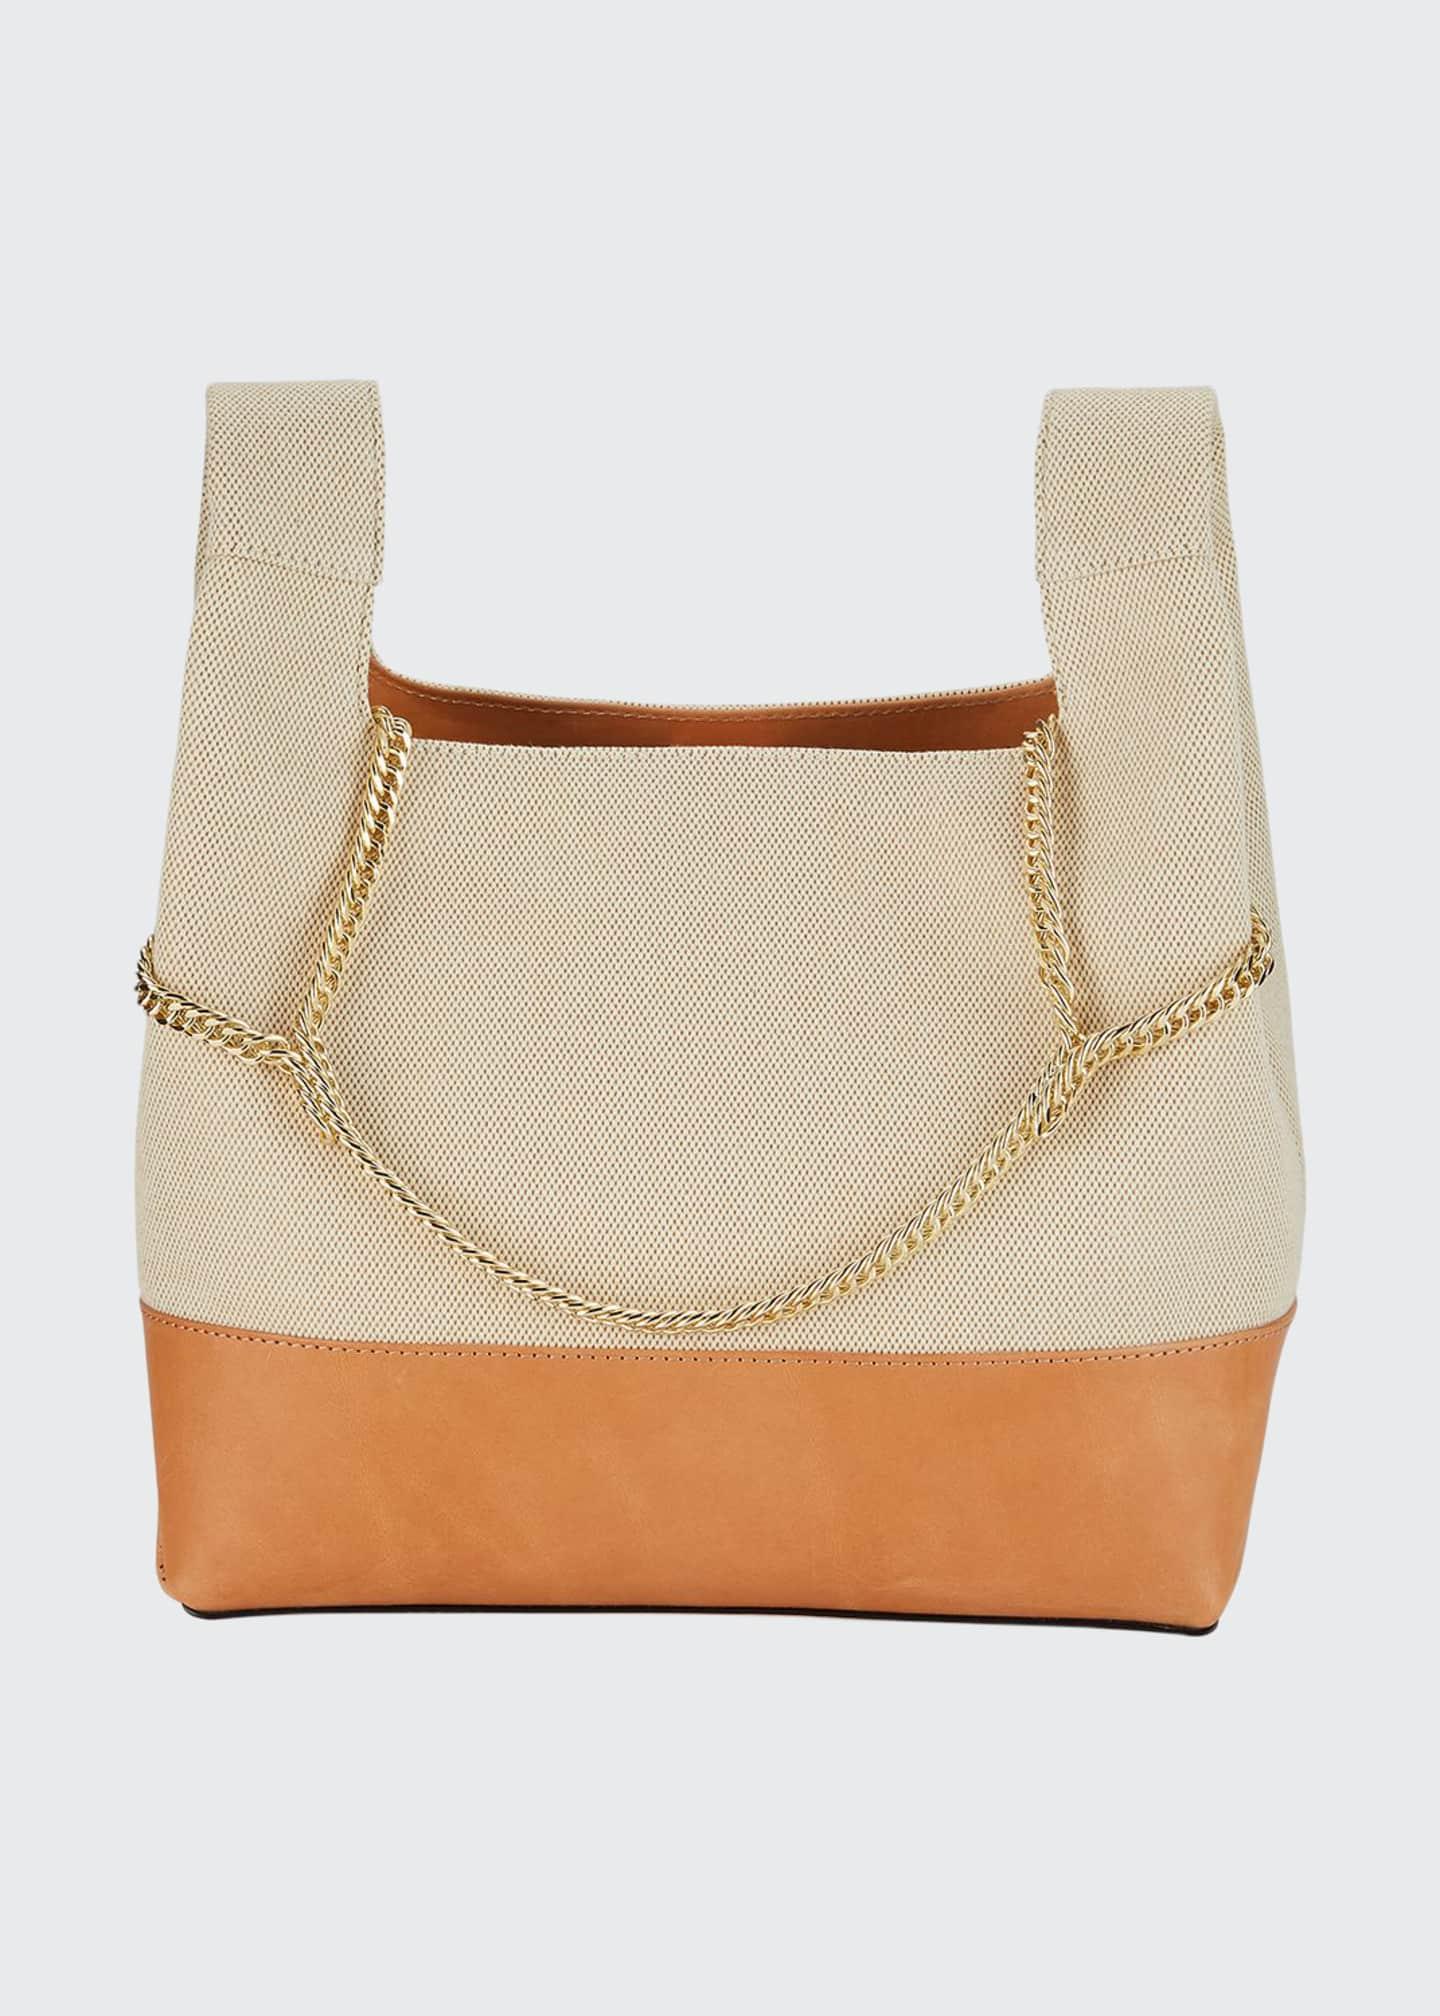 Hayward Chain Linen Top-Handle Bag